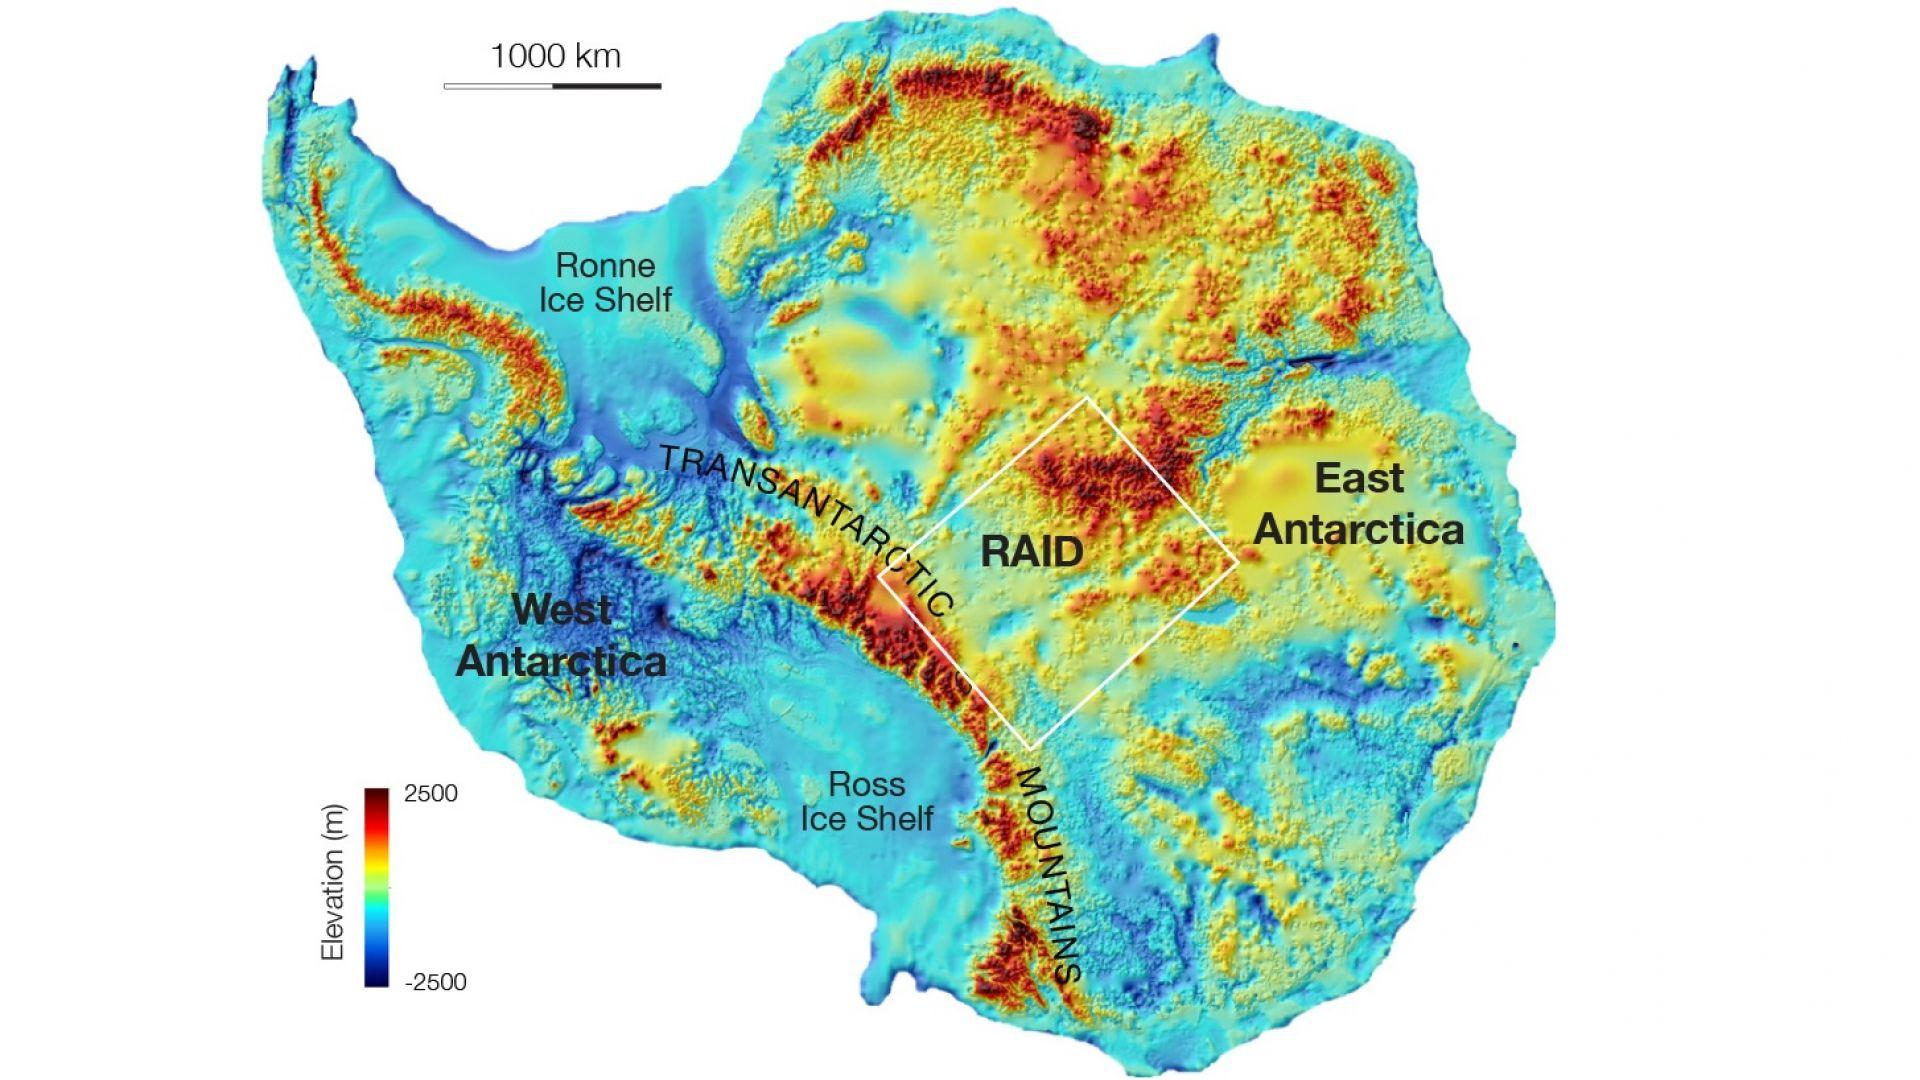 Най-ниската точка на сушата беше открита в Антарктида